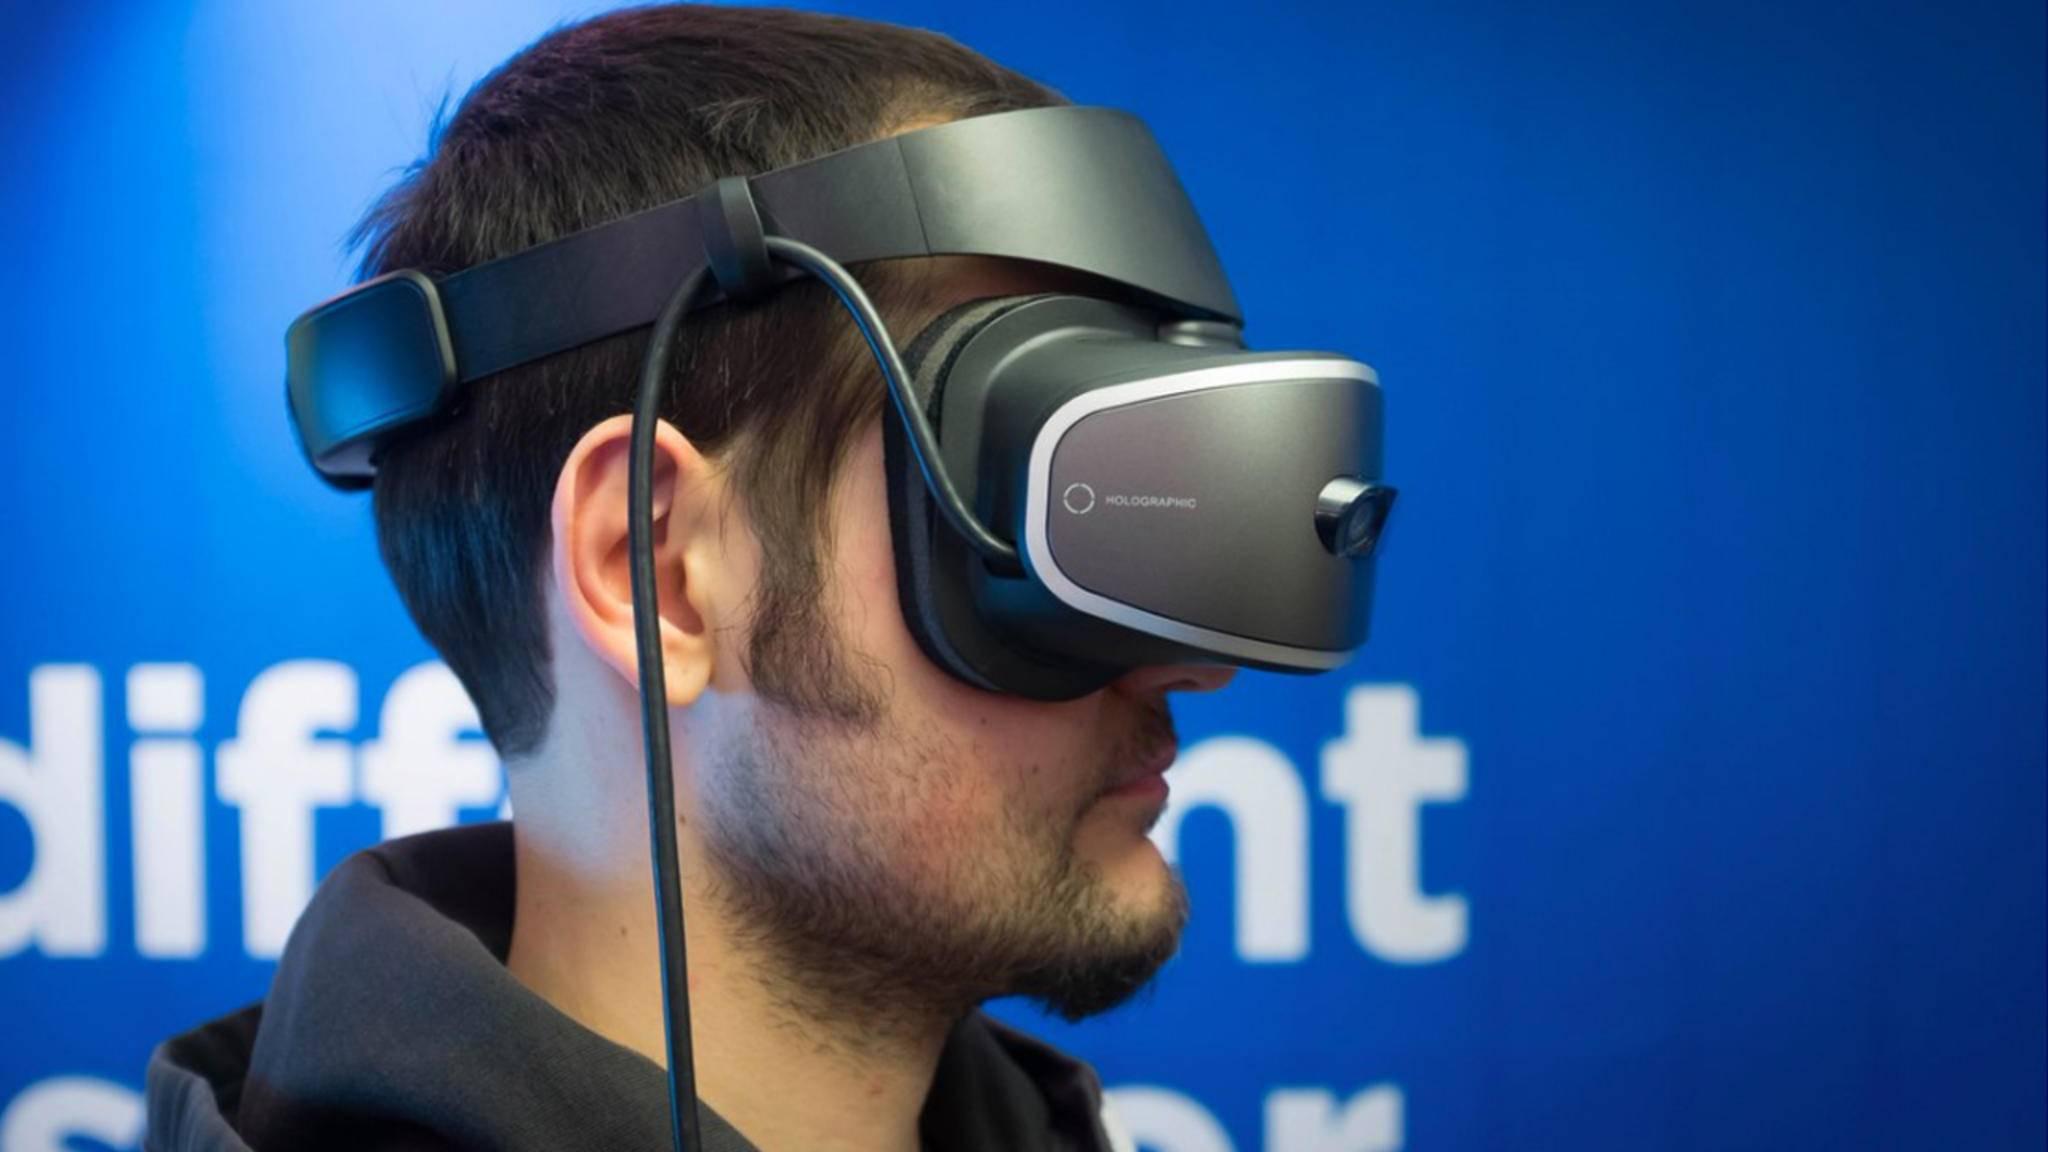 Das neue VR-Headset soll leicht und komfortabel sein.